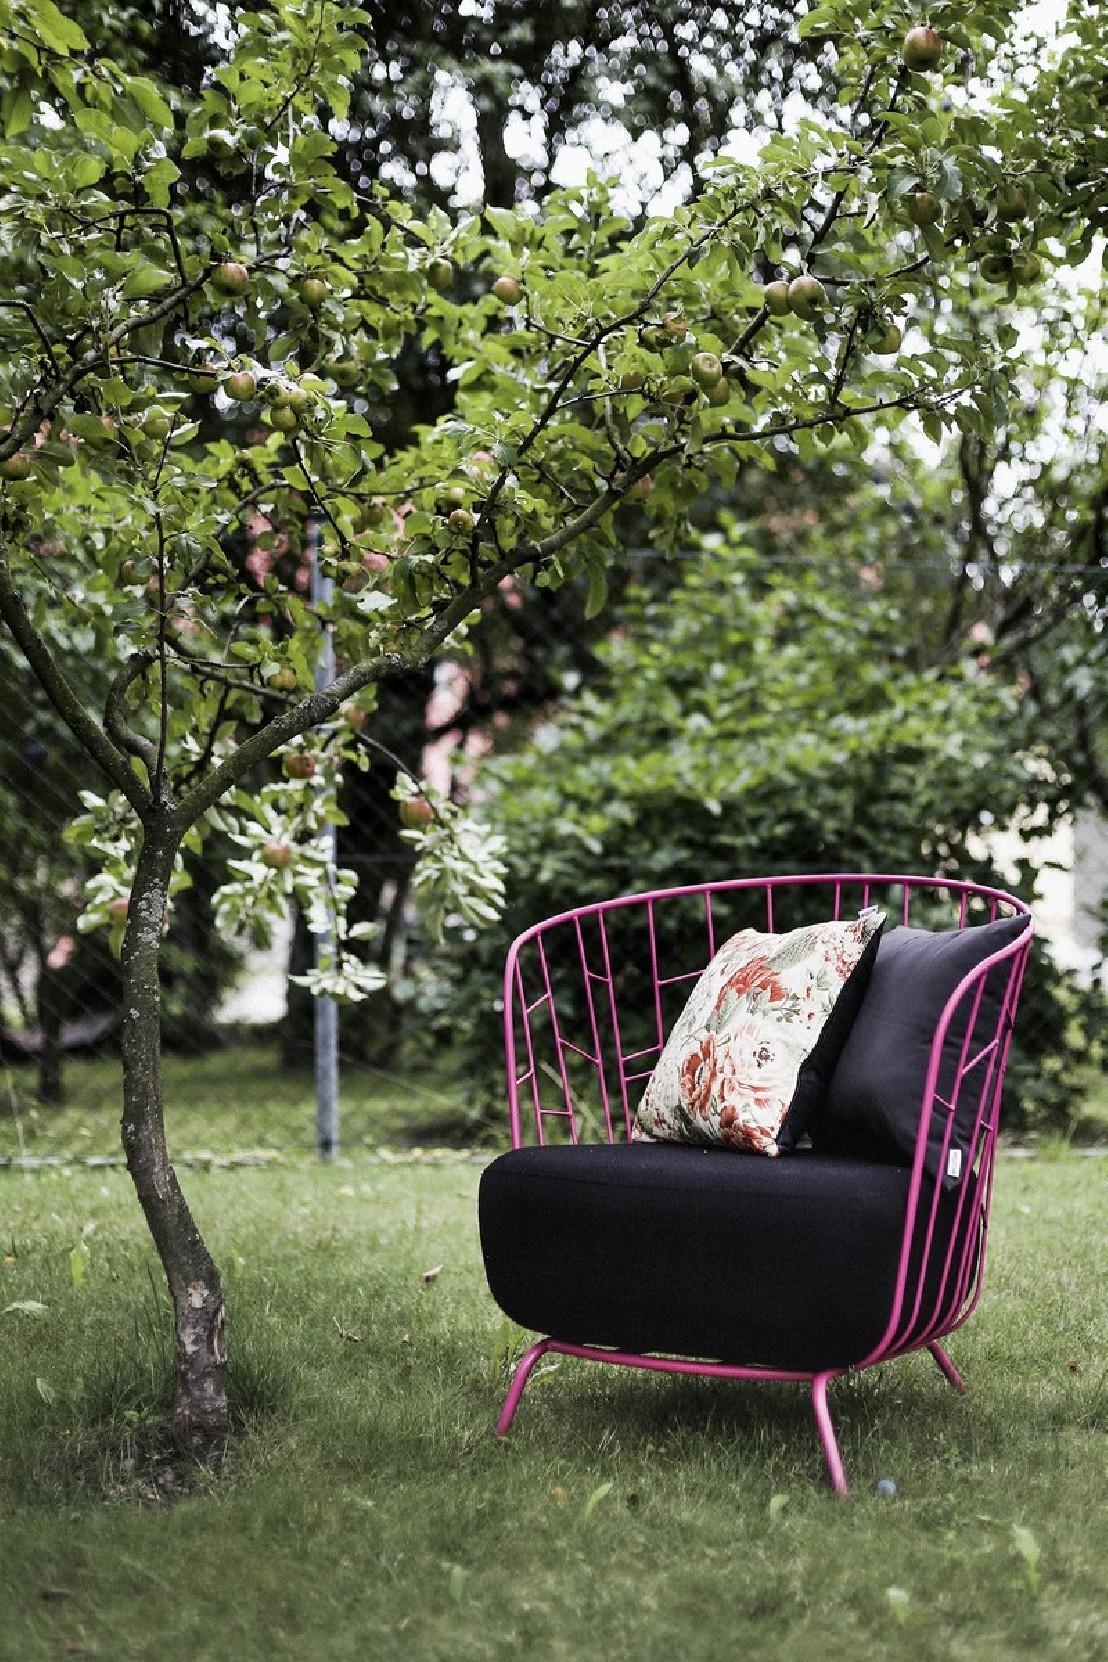 fauteuil maj romantique ext rieur de jardin en m tal acier de couleur et tissu outdoor seanroyale. Black Bedroom Furniture Sets. Home Design Ideas